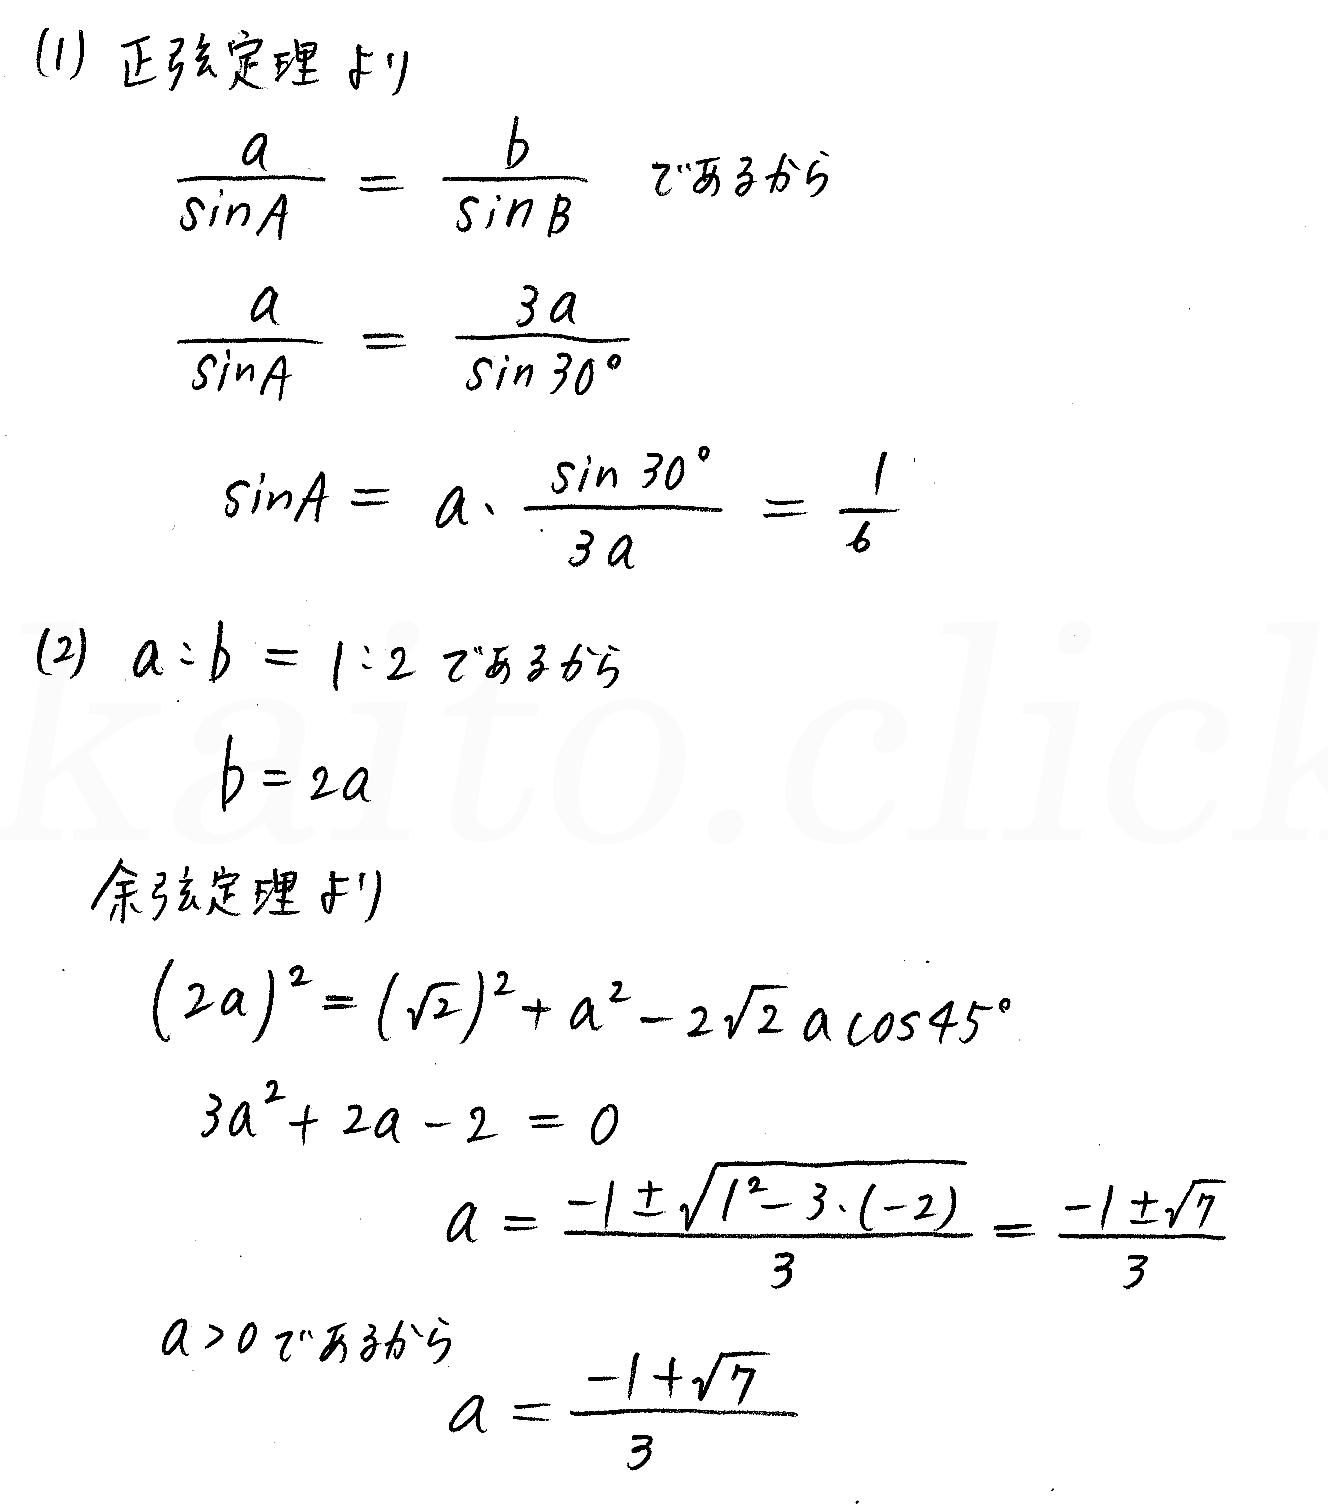 クリアー数学1-296解答